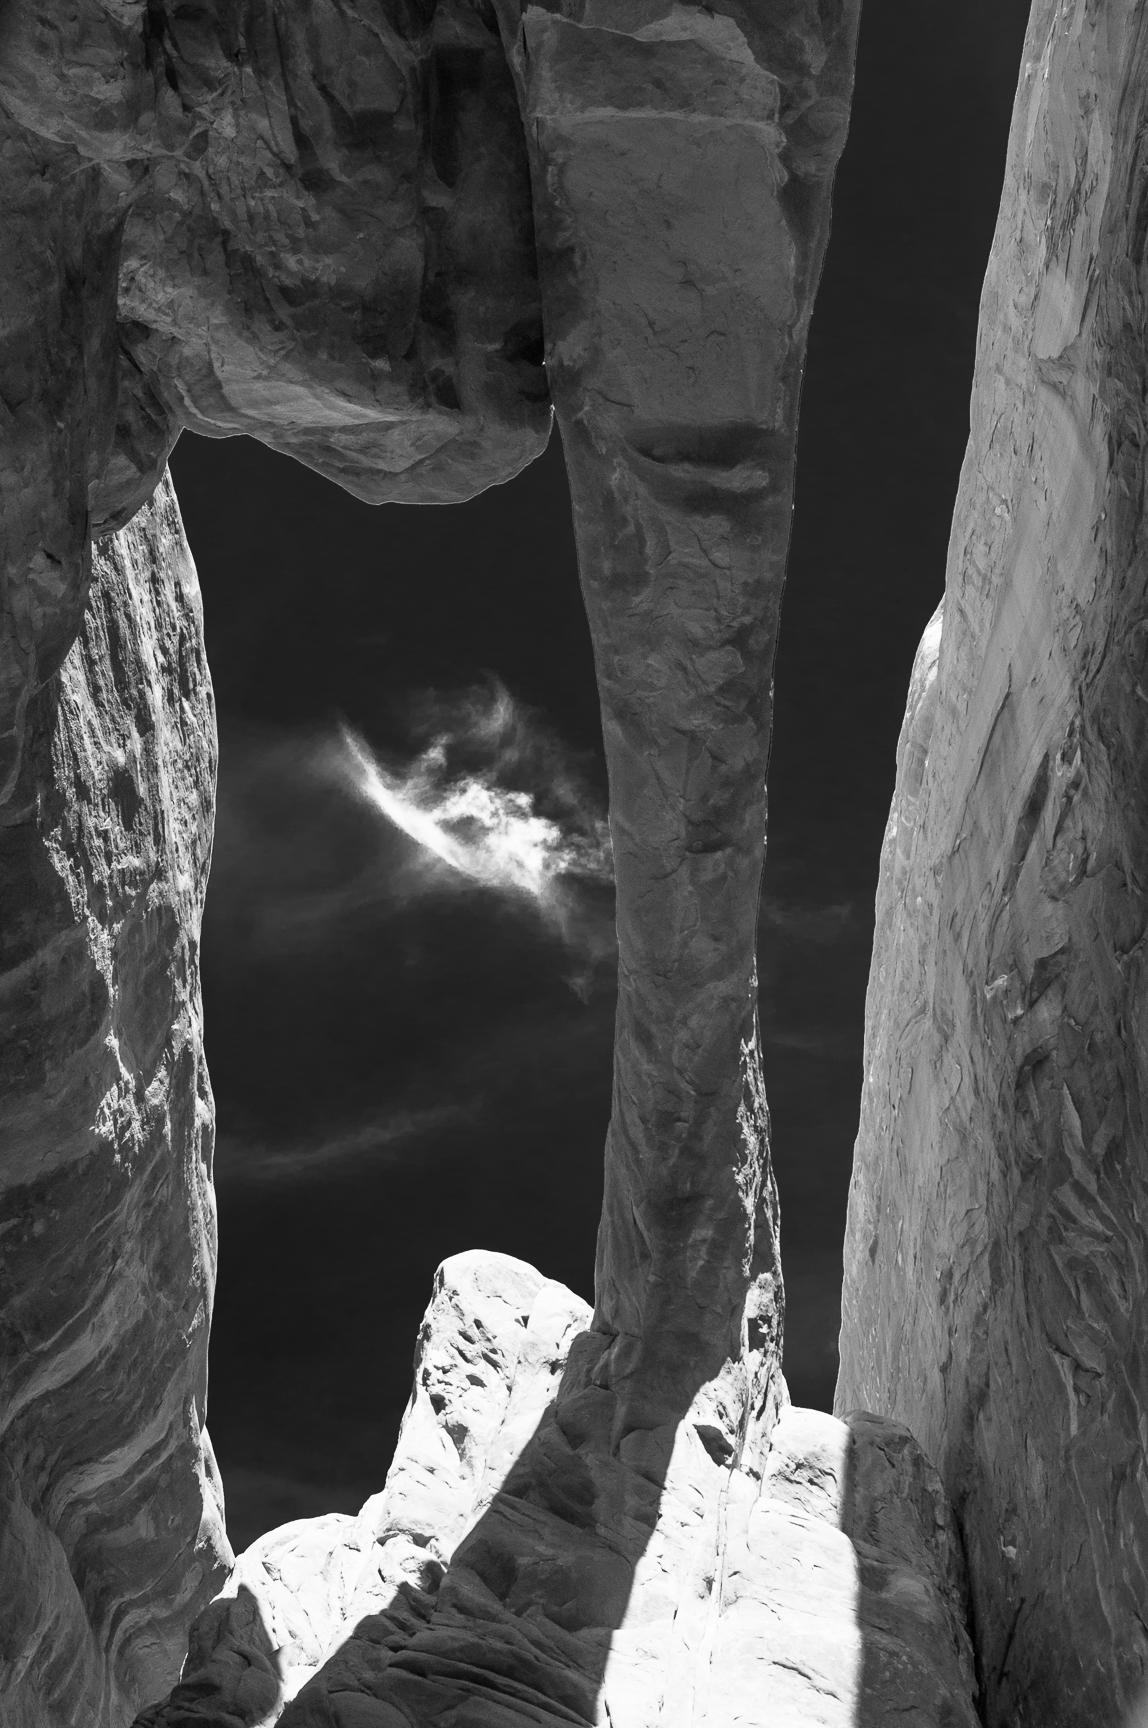 Surprise Arch - Arches National Park